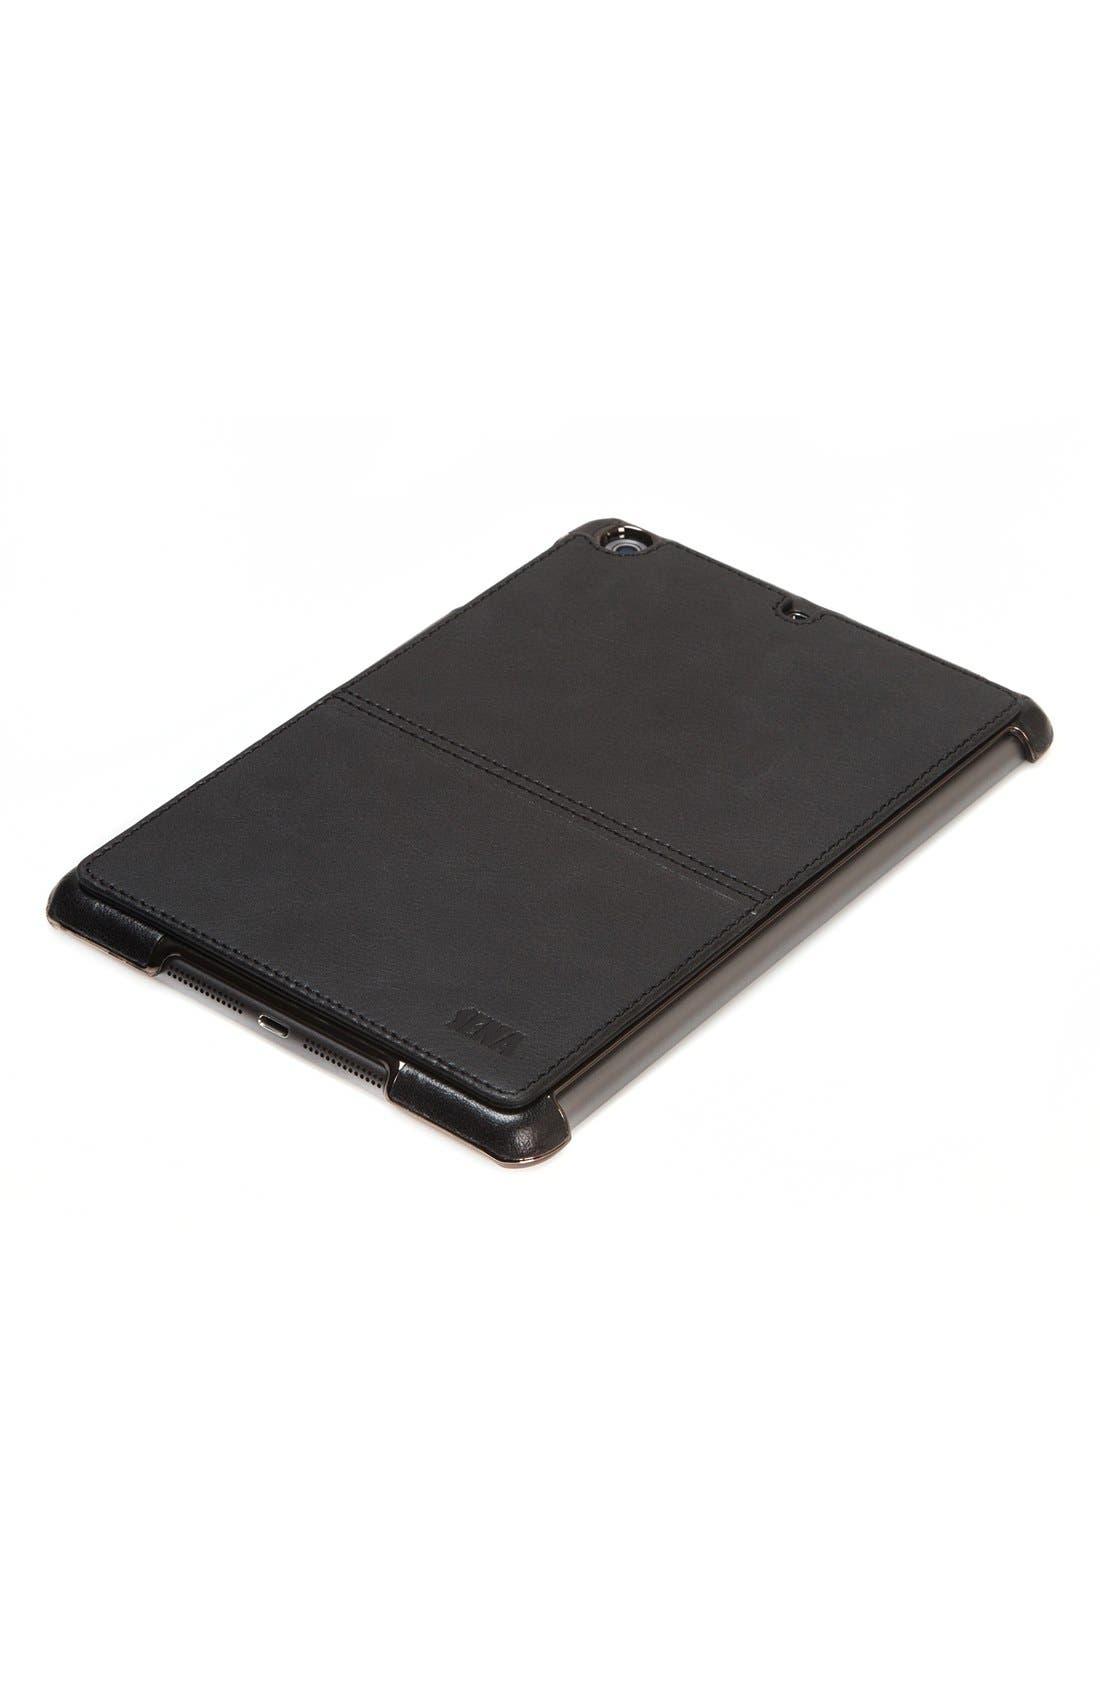 Main Image - Sena 'Heritage' iPad mini Stand